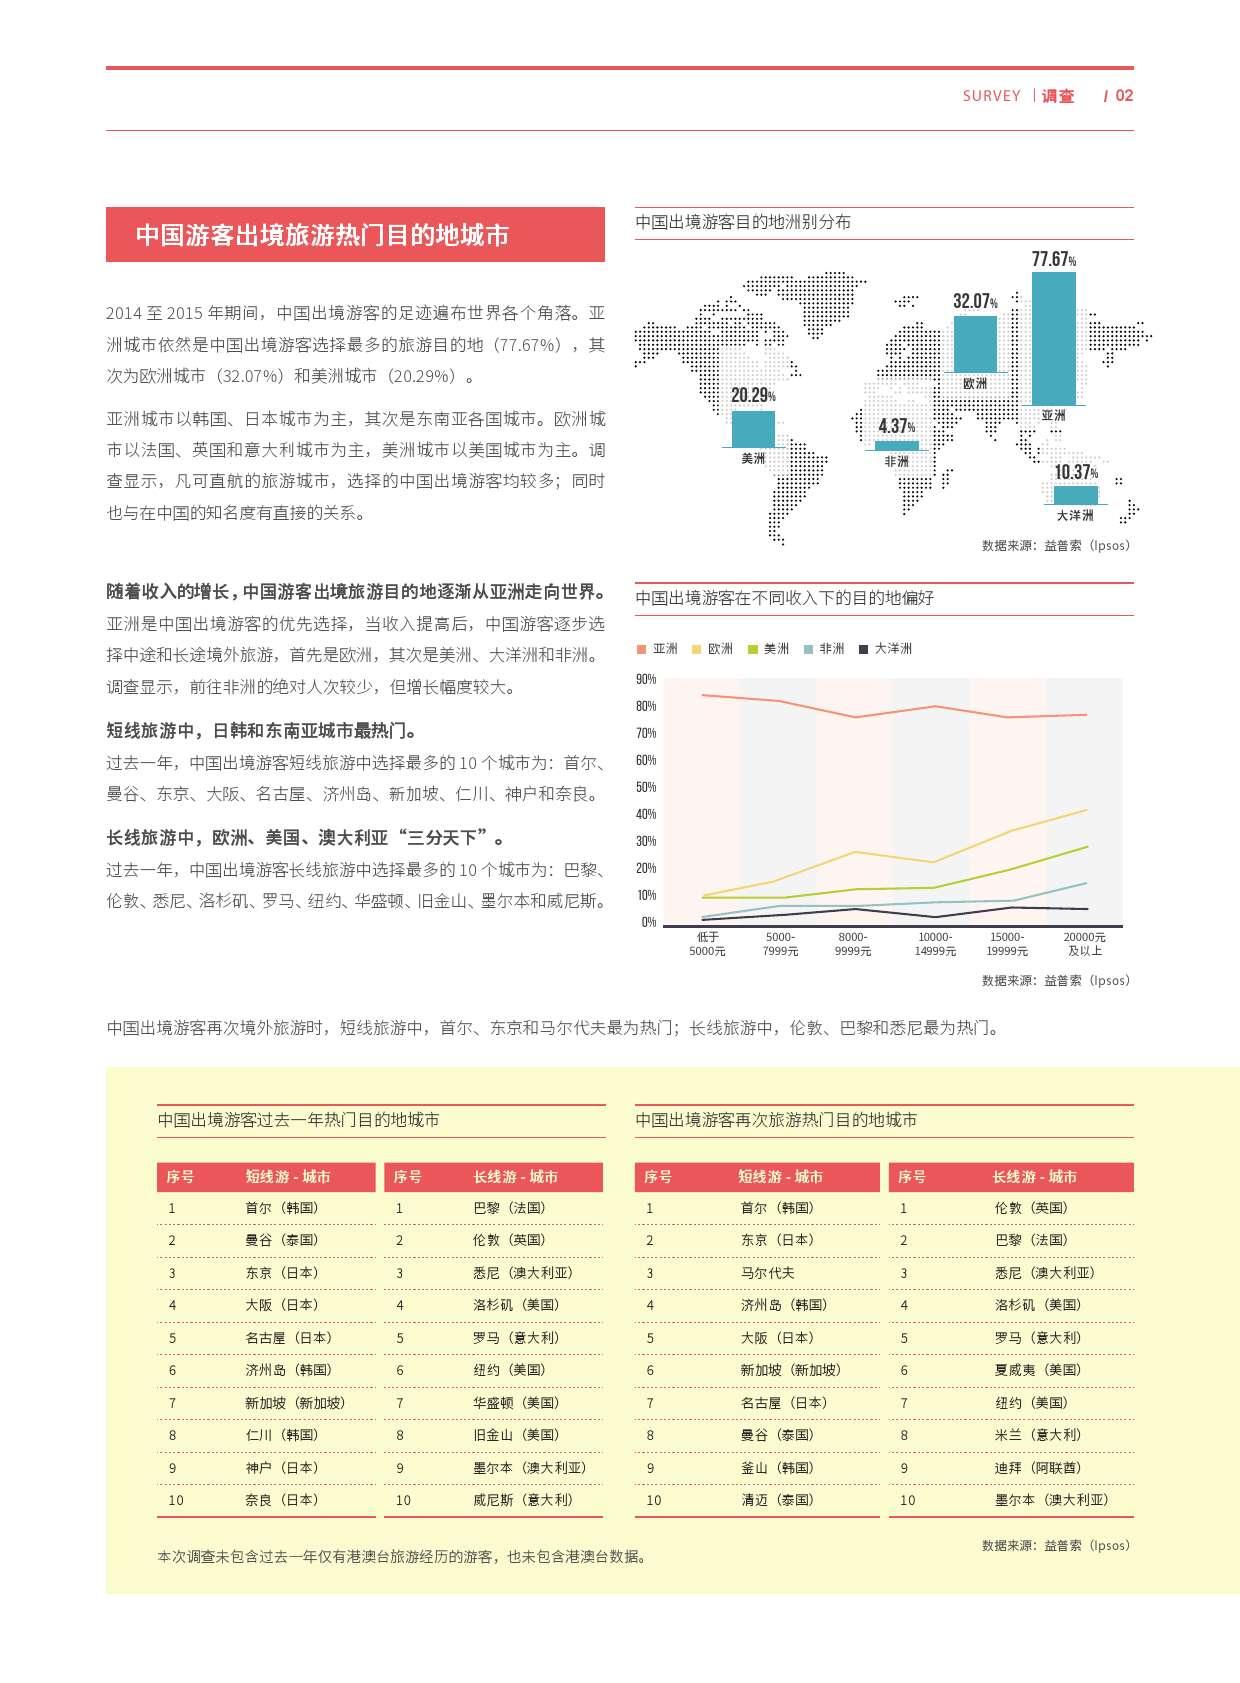 益普索:2015年度中国公民出境(城市)旅游消费调查报告_000002